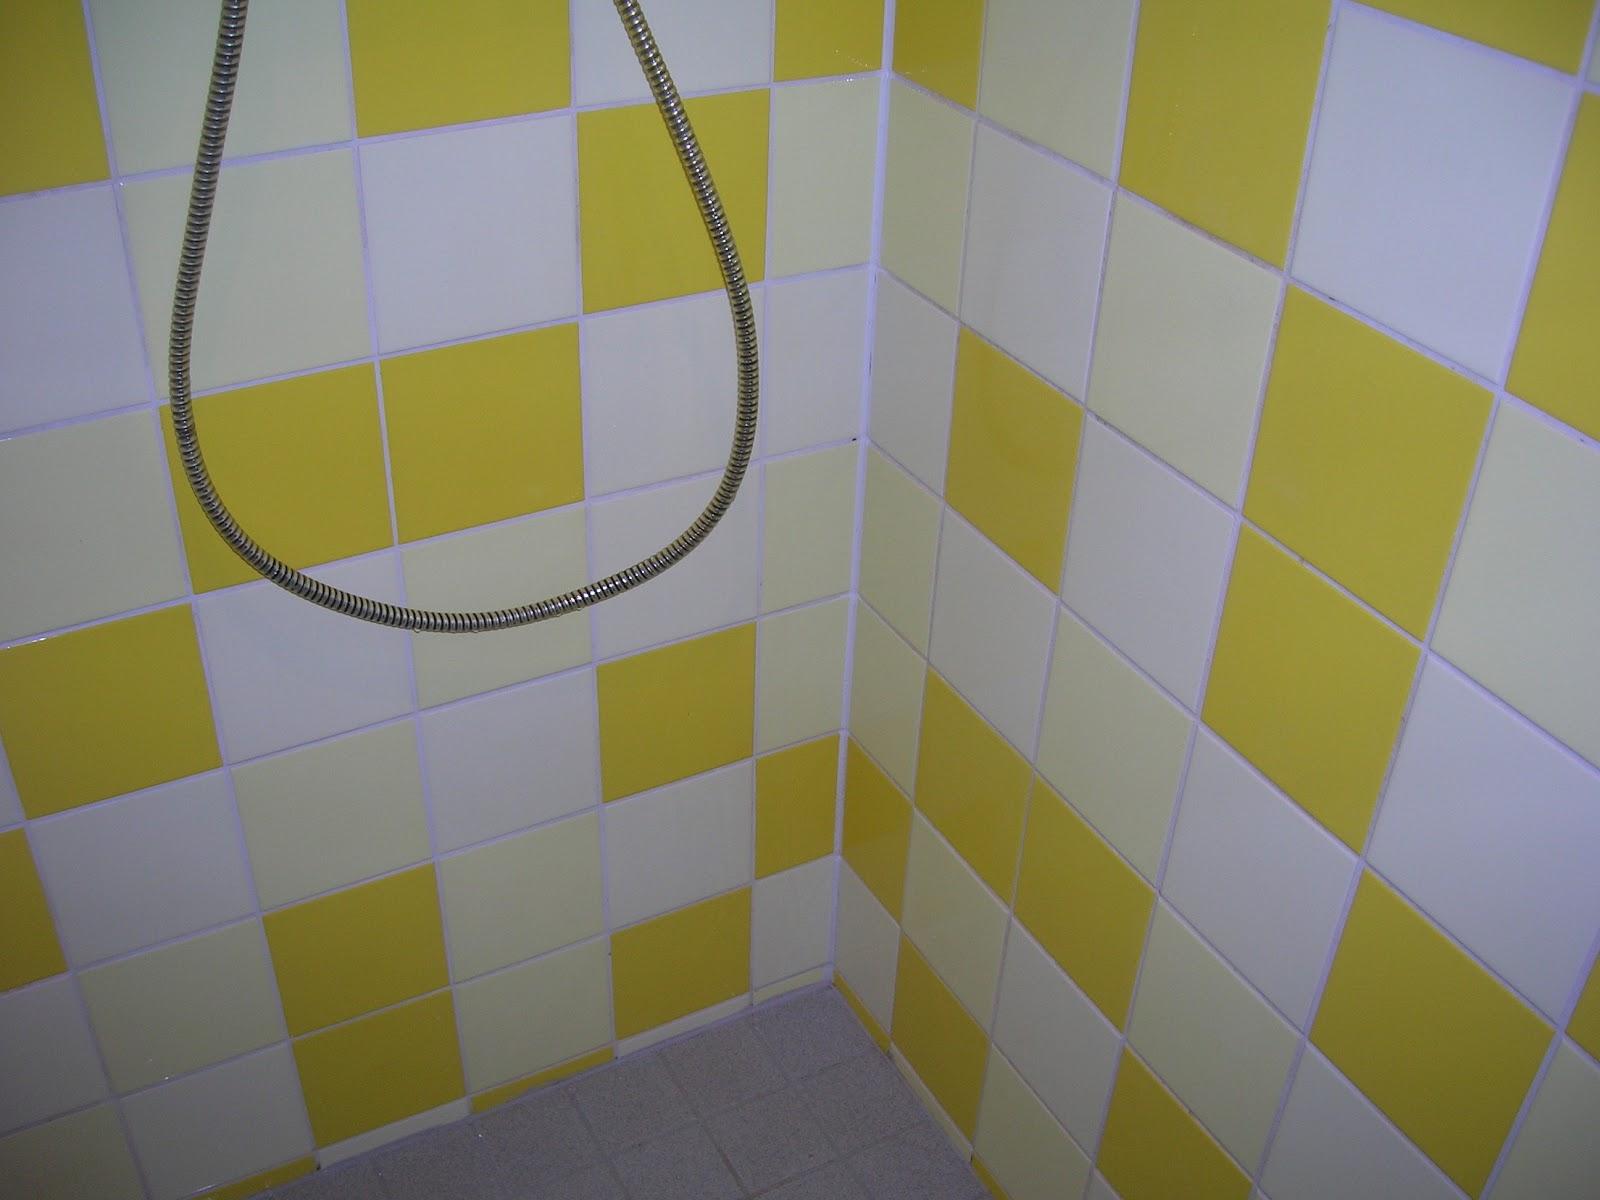 Inhaalslag in 365 dagen: #63/365 Voegen in de douche schoonmaken